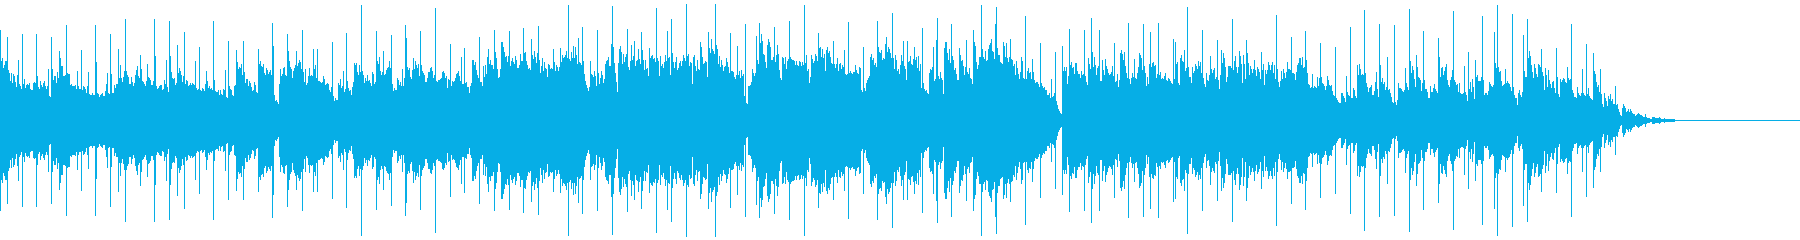 大人な雰囲気のAOR・ソフトロックの再生済みの波形